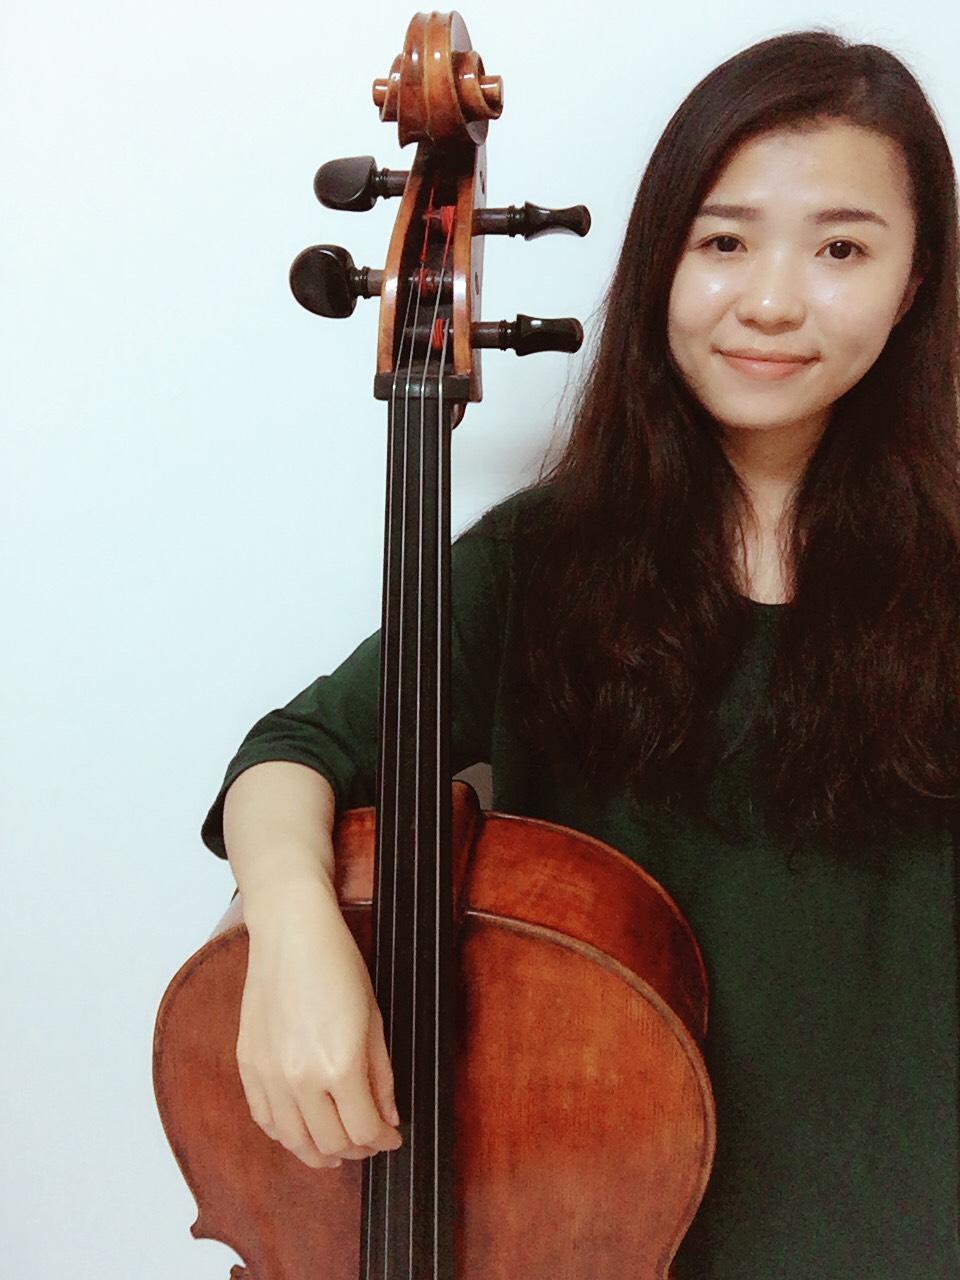 高雄大提琴教學,高雄大提琴老師推薦